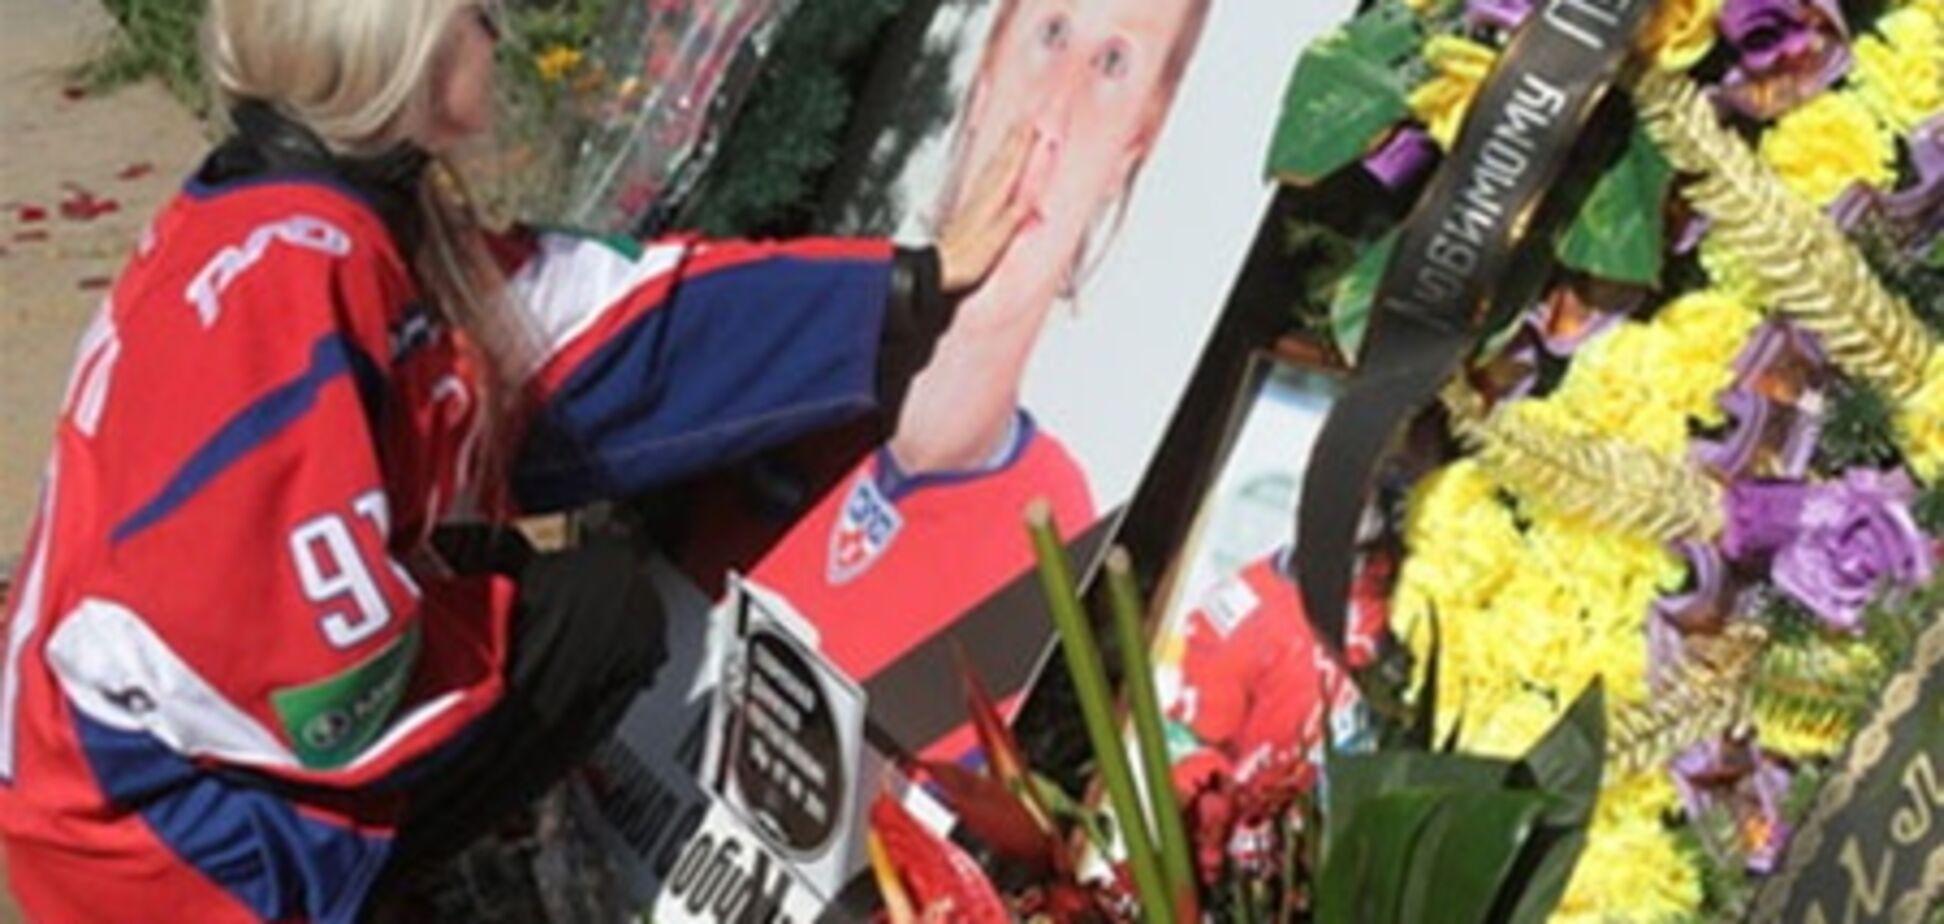 Похороны хоккеистов: невеста погибшего надела его форму и обнимала закрытый гроб